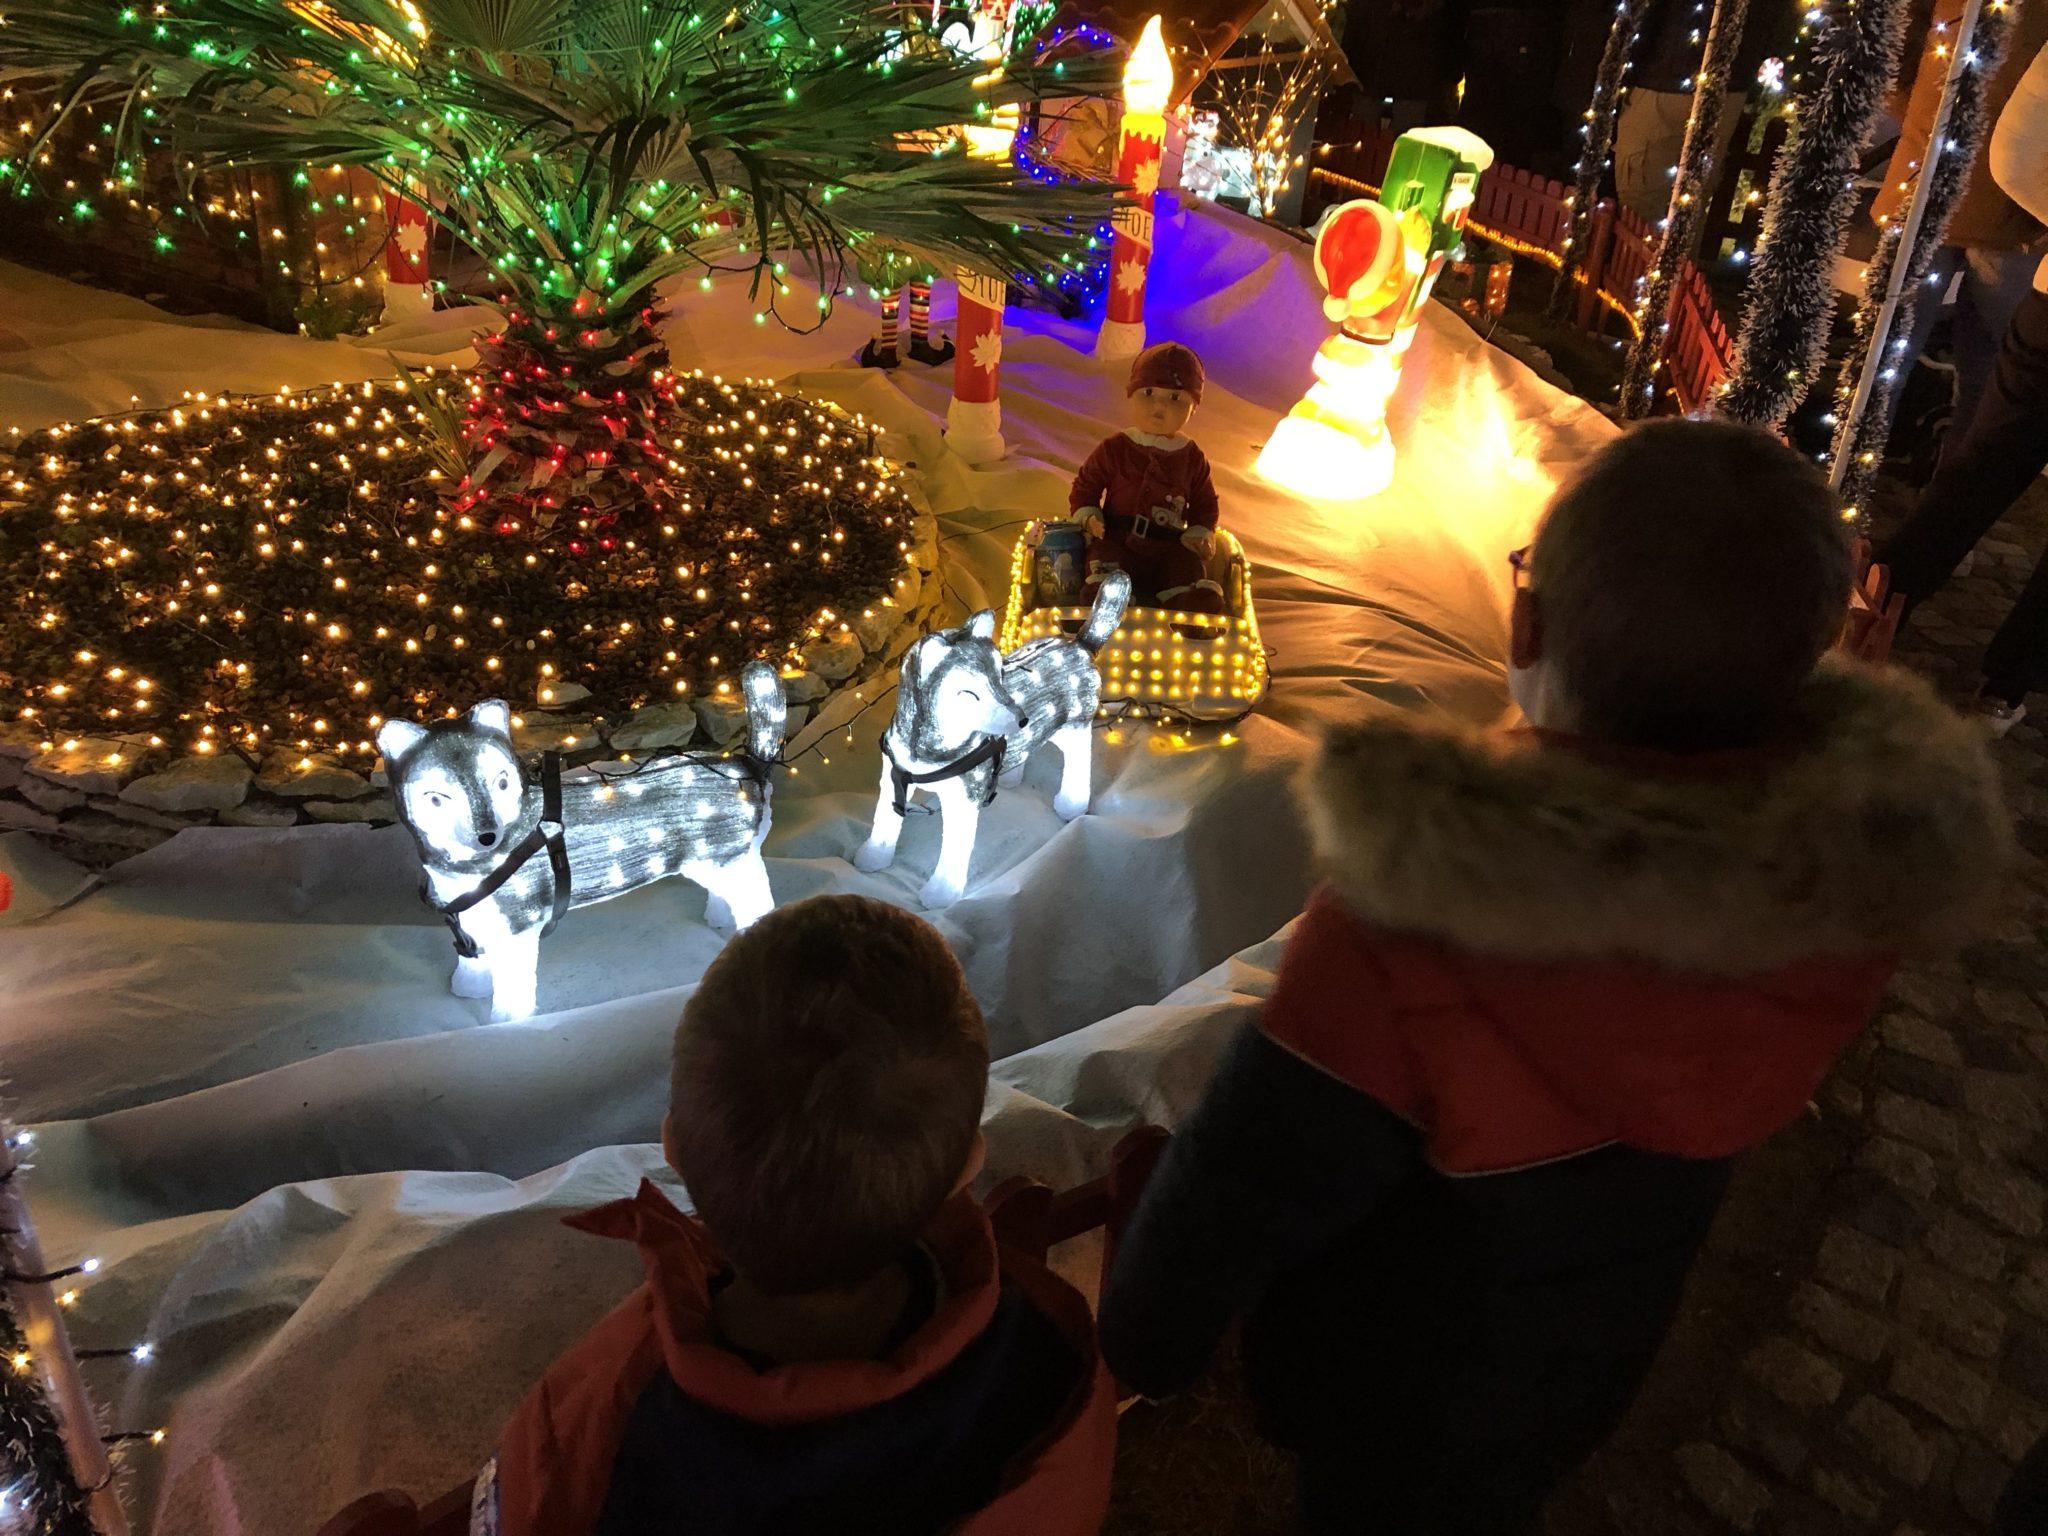 Moment magique à la Maison du Père Noël de Meyreuil